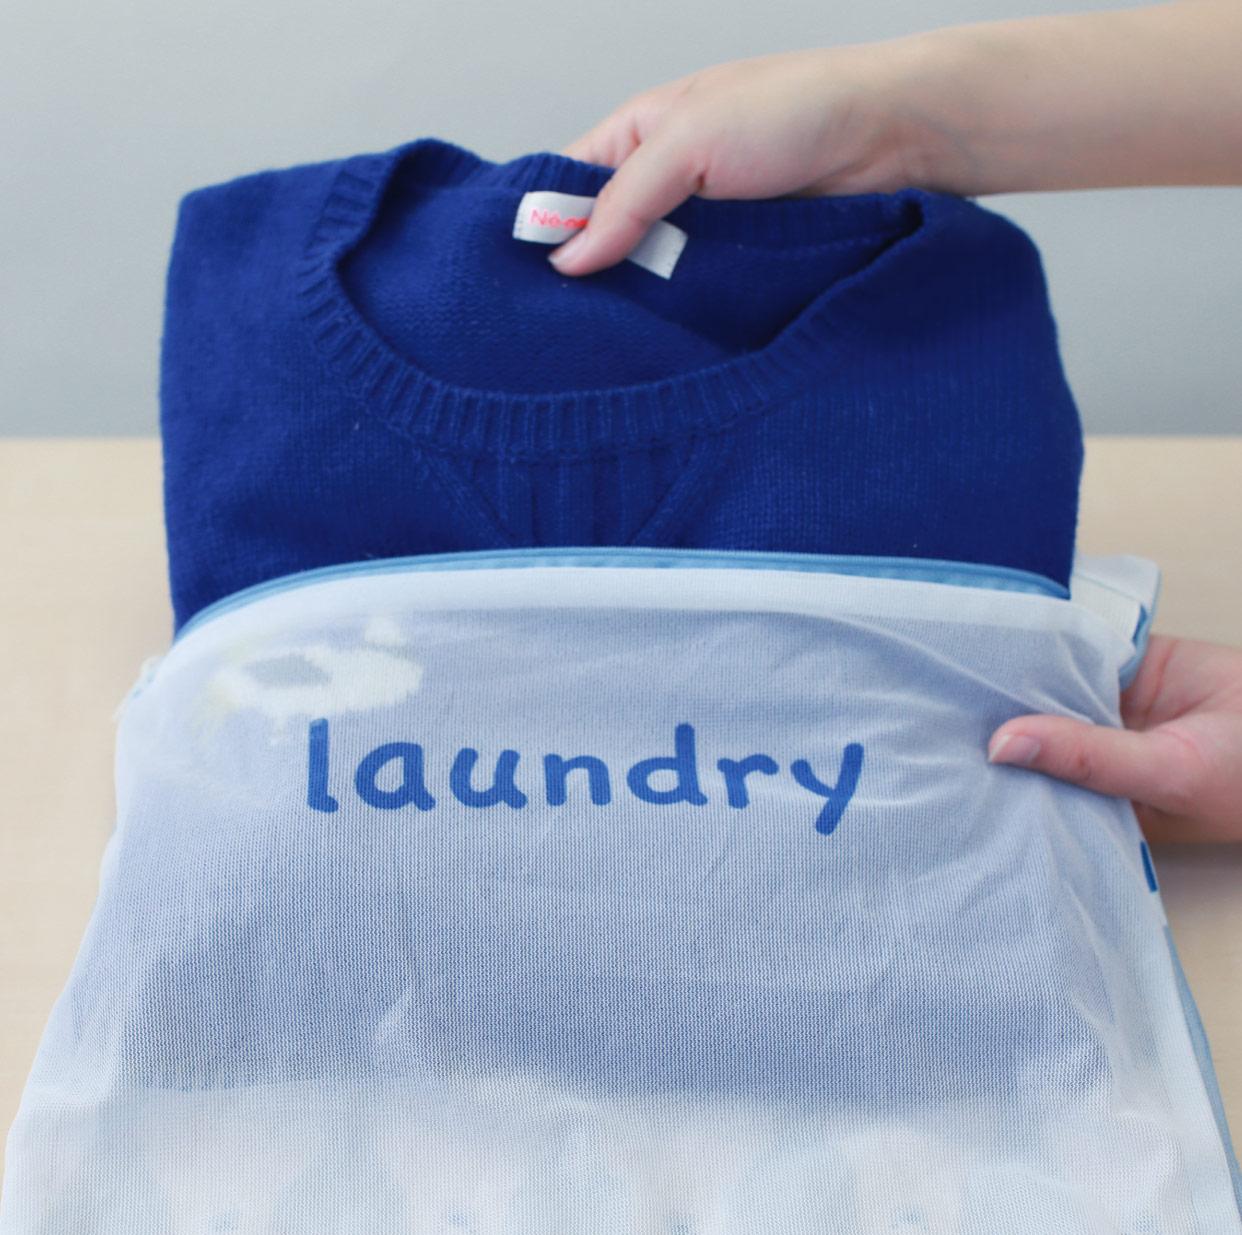 プロが教えるセーター(ニット)の洗い方。縮ませないためのコツはコレだった!